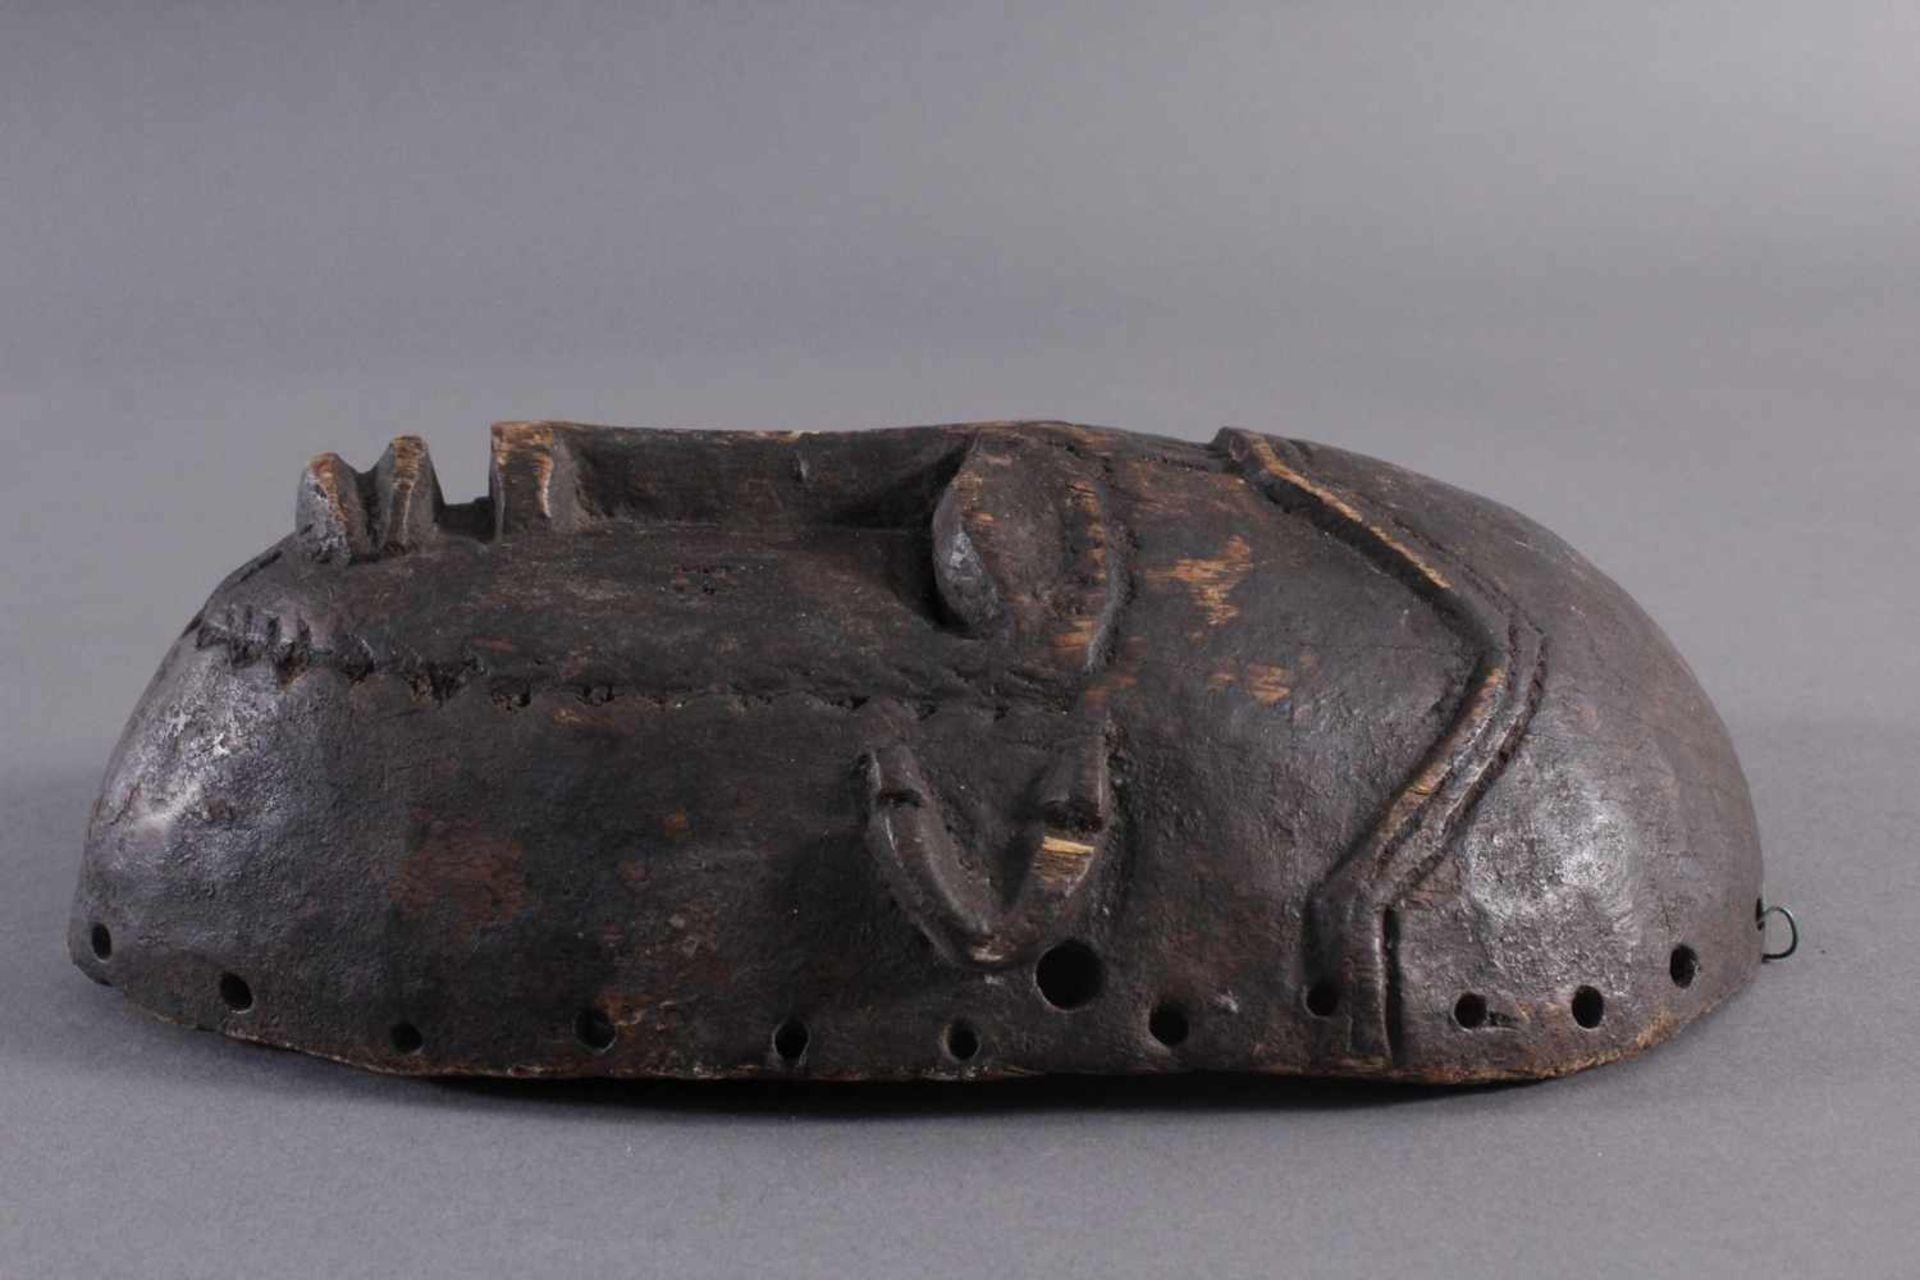 Antike Maske, Kwele-GabunHolz, geschnitzt, dunkle Patina, Narbentatauierung, ca. L-27 cm - Bild 3 aus 6